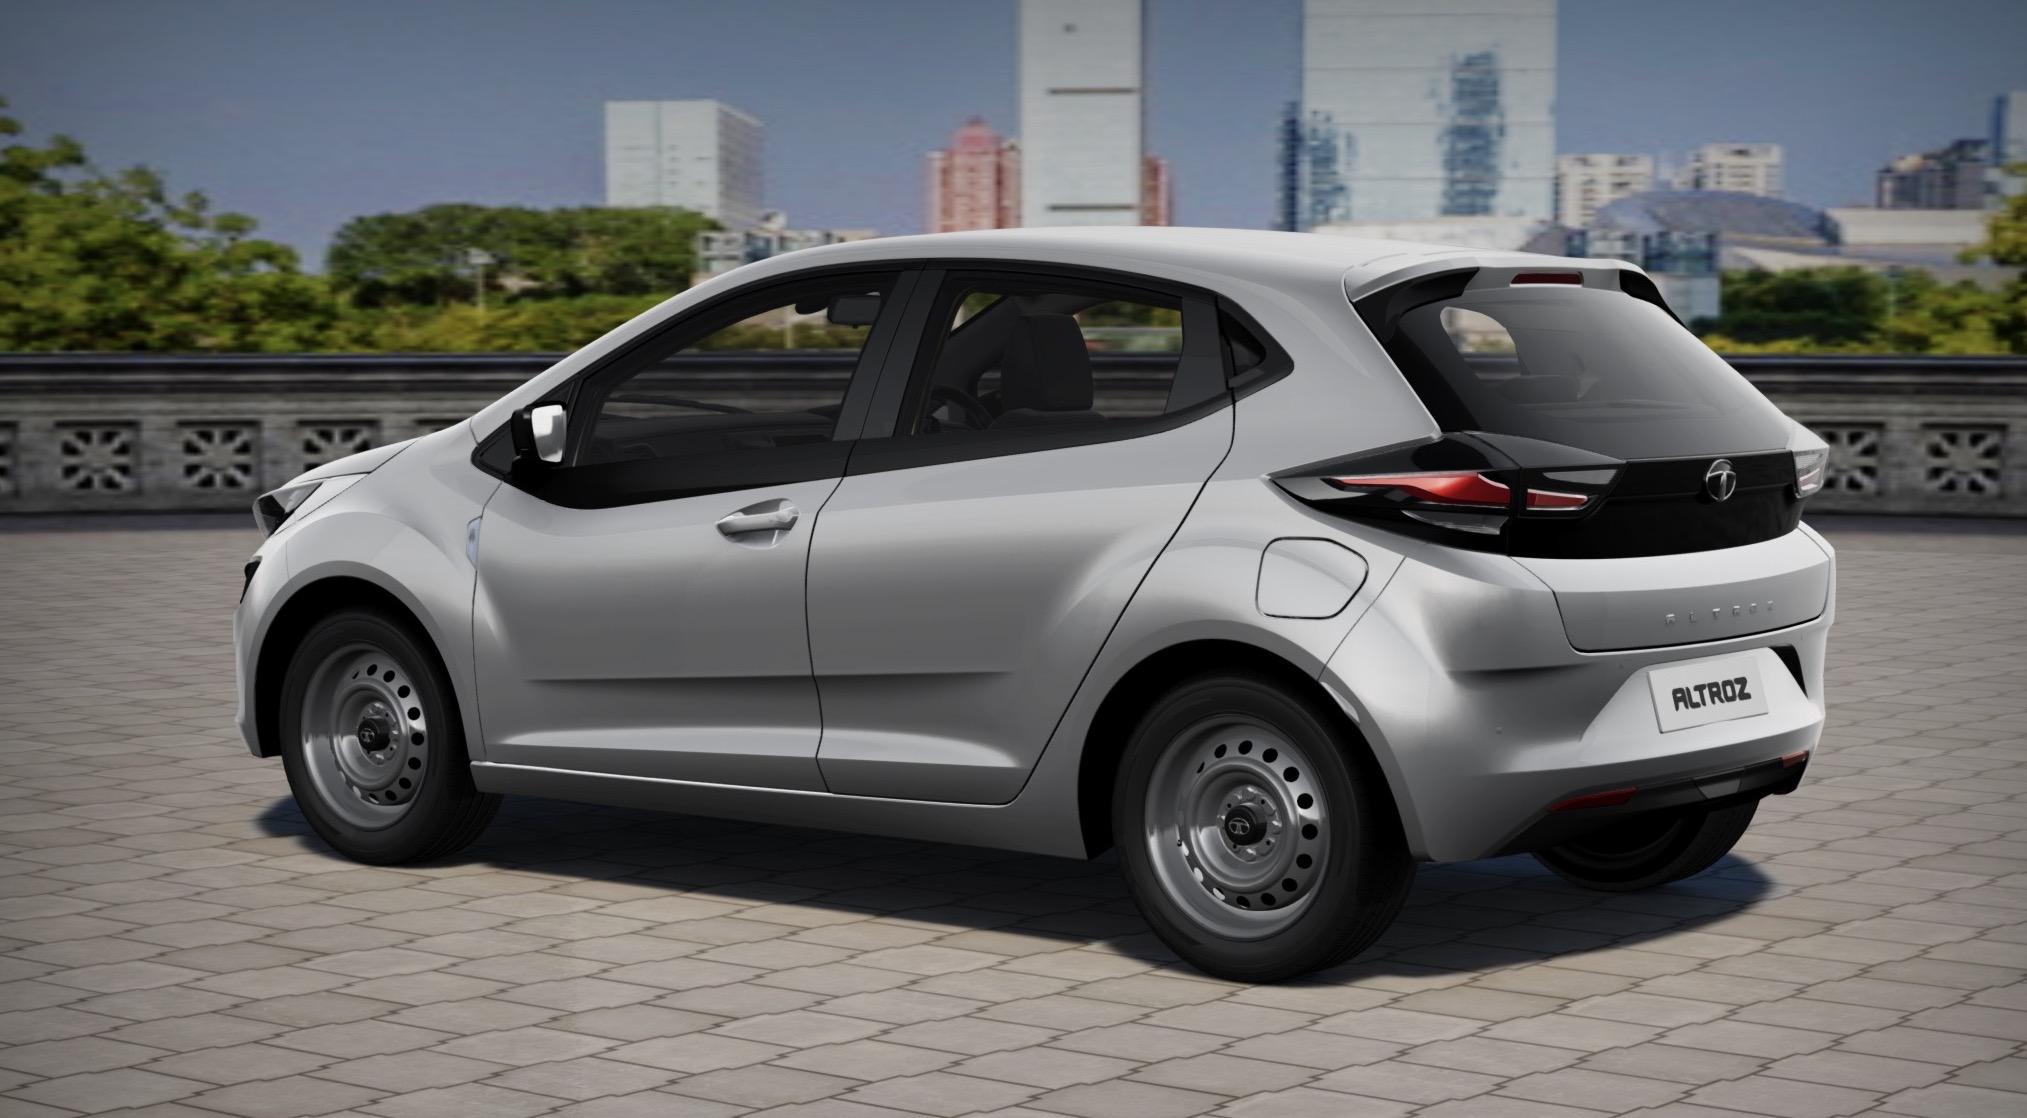 L Auto Elettrica A 15 000 Euro Da Tata Motors Altroz EV